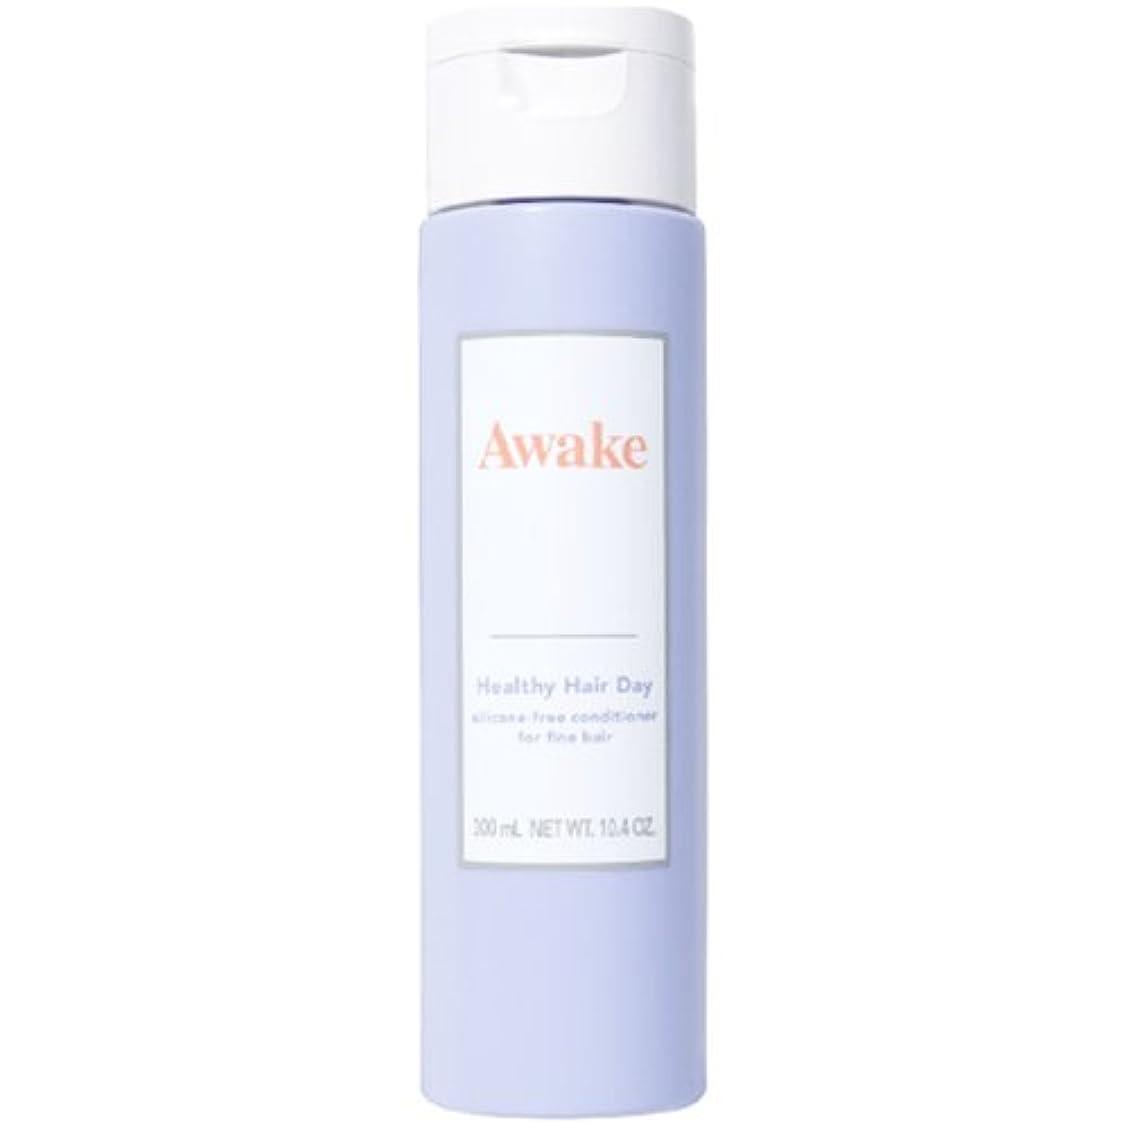 受粉者宿命メンタルアウェイク(AWAKE) Awake(アウェイク) ヘルシーヘアデイ シリコーンフリー ヘアコンディショナー ハリコシアップヘア用 (300mL)